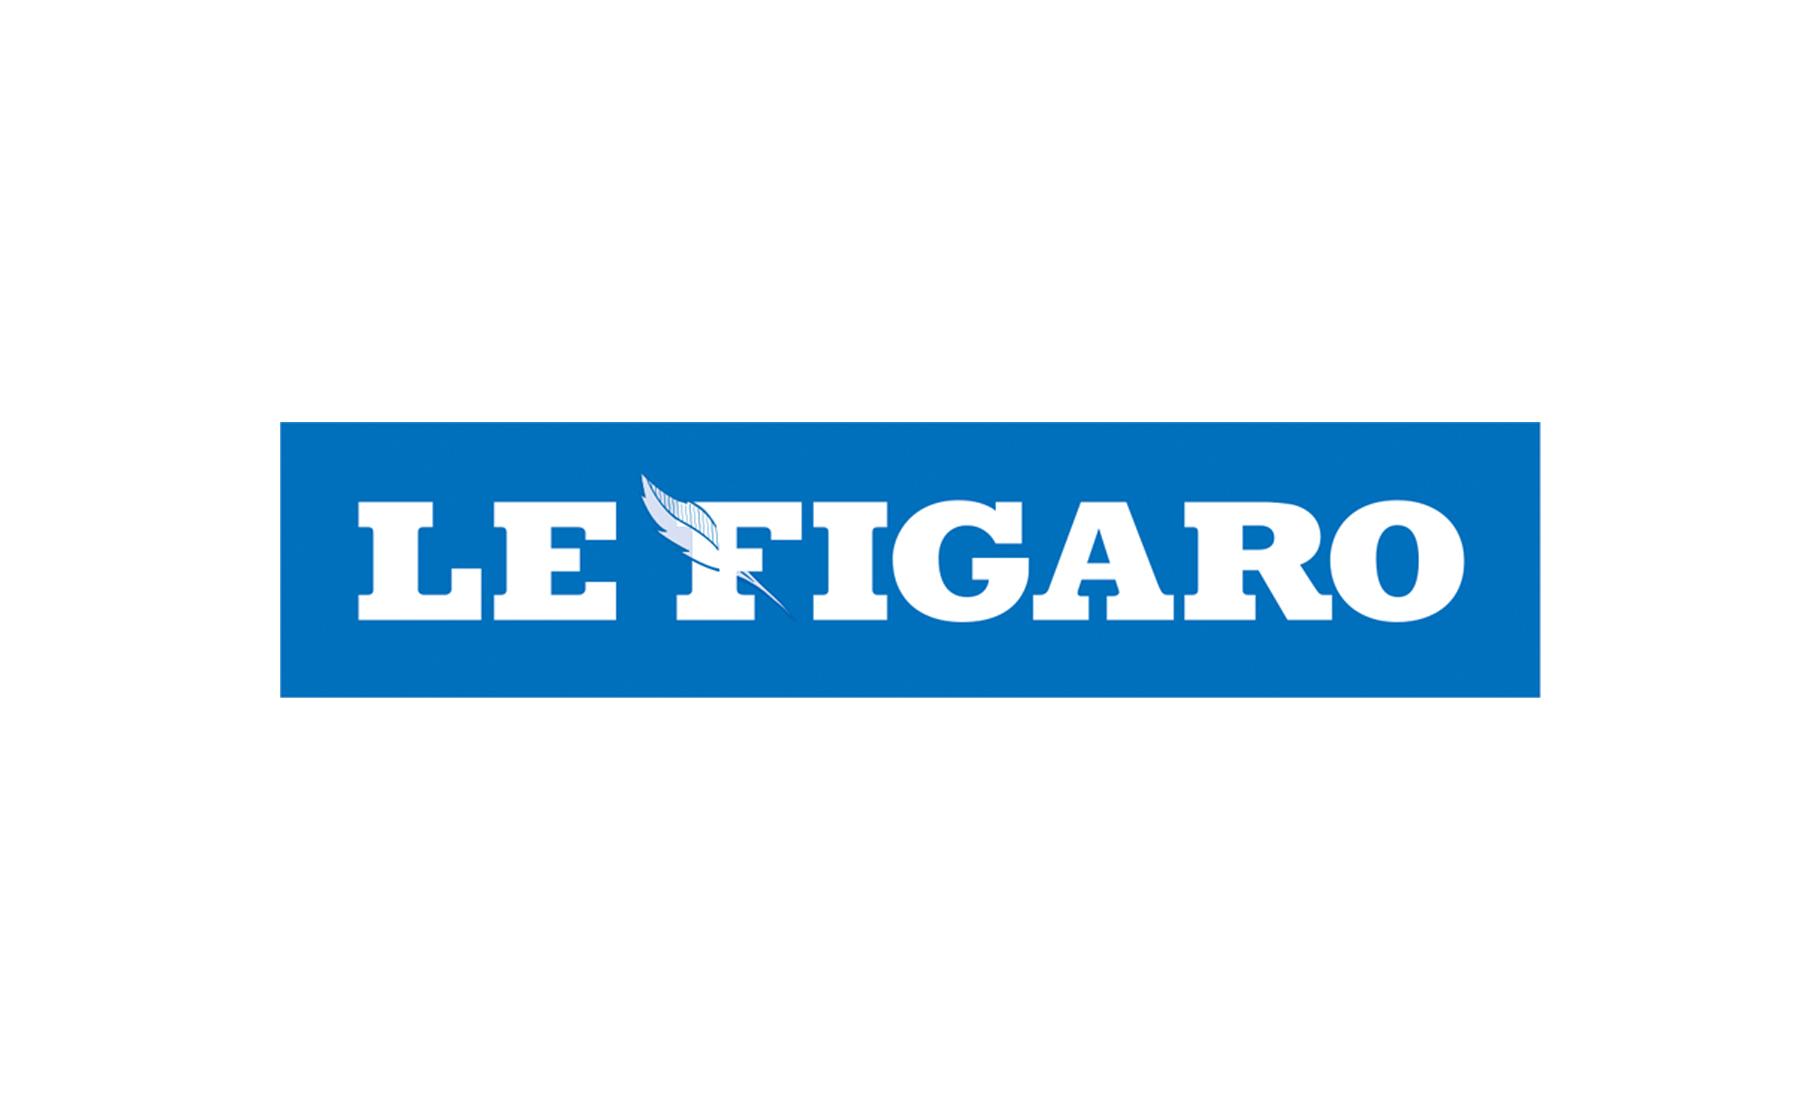 """Image - Le Figaro – """"La CEDH reconnaît du bout des lèvres que la GPA est problématique"""""""